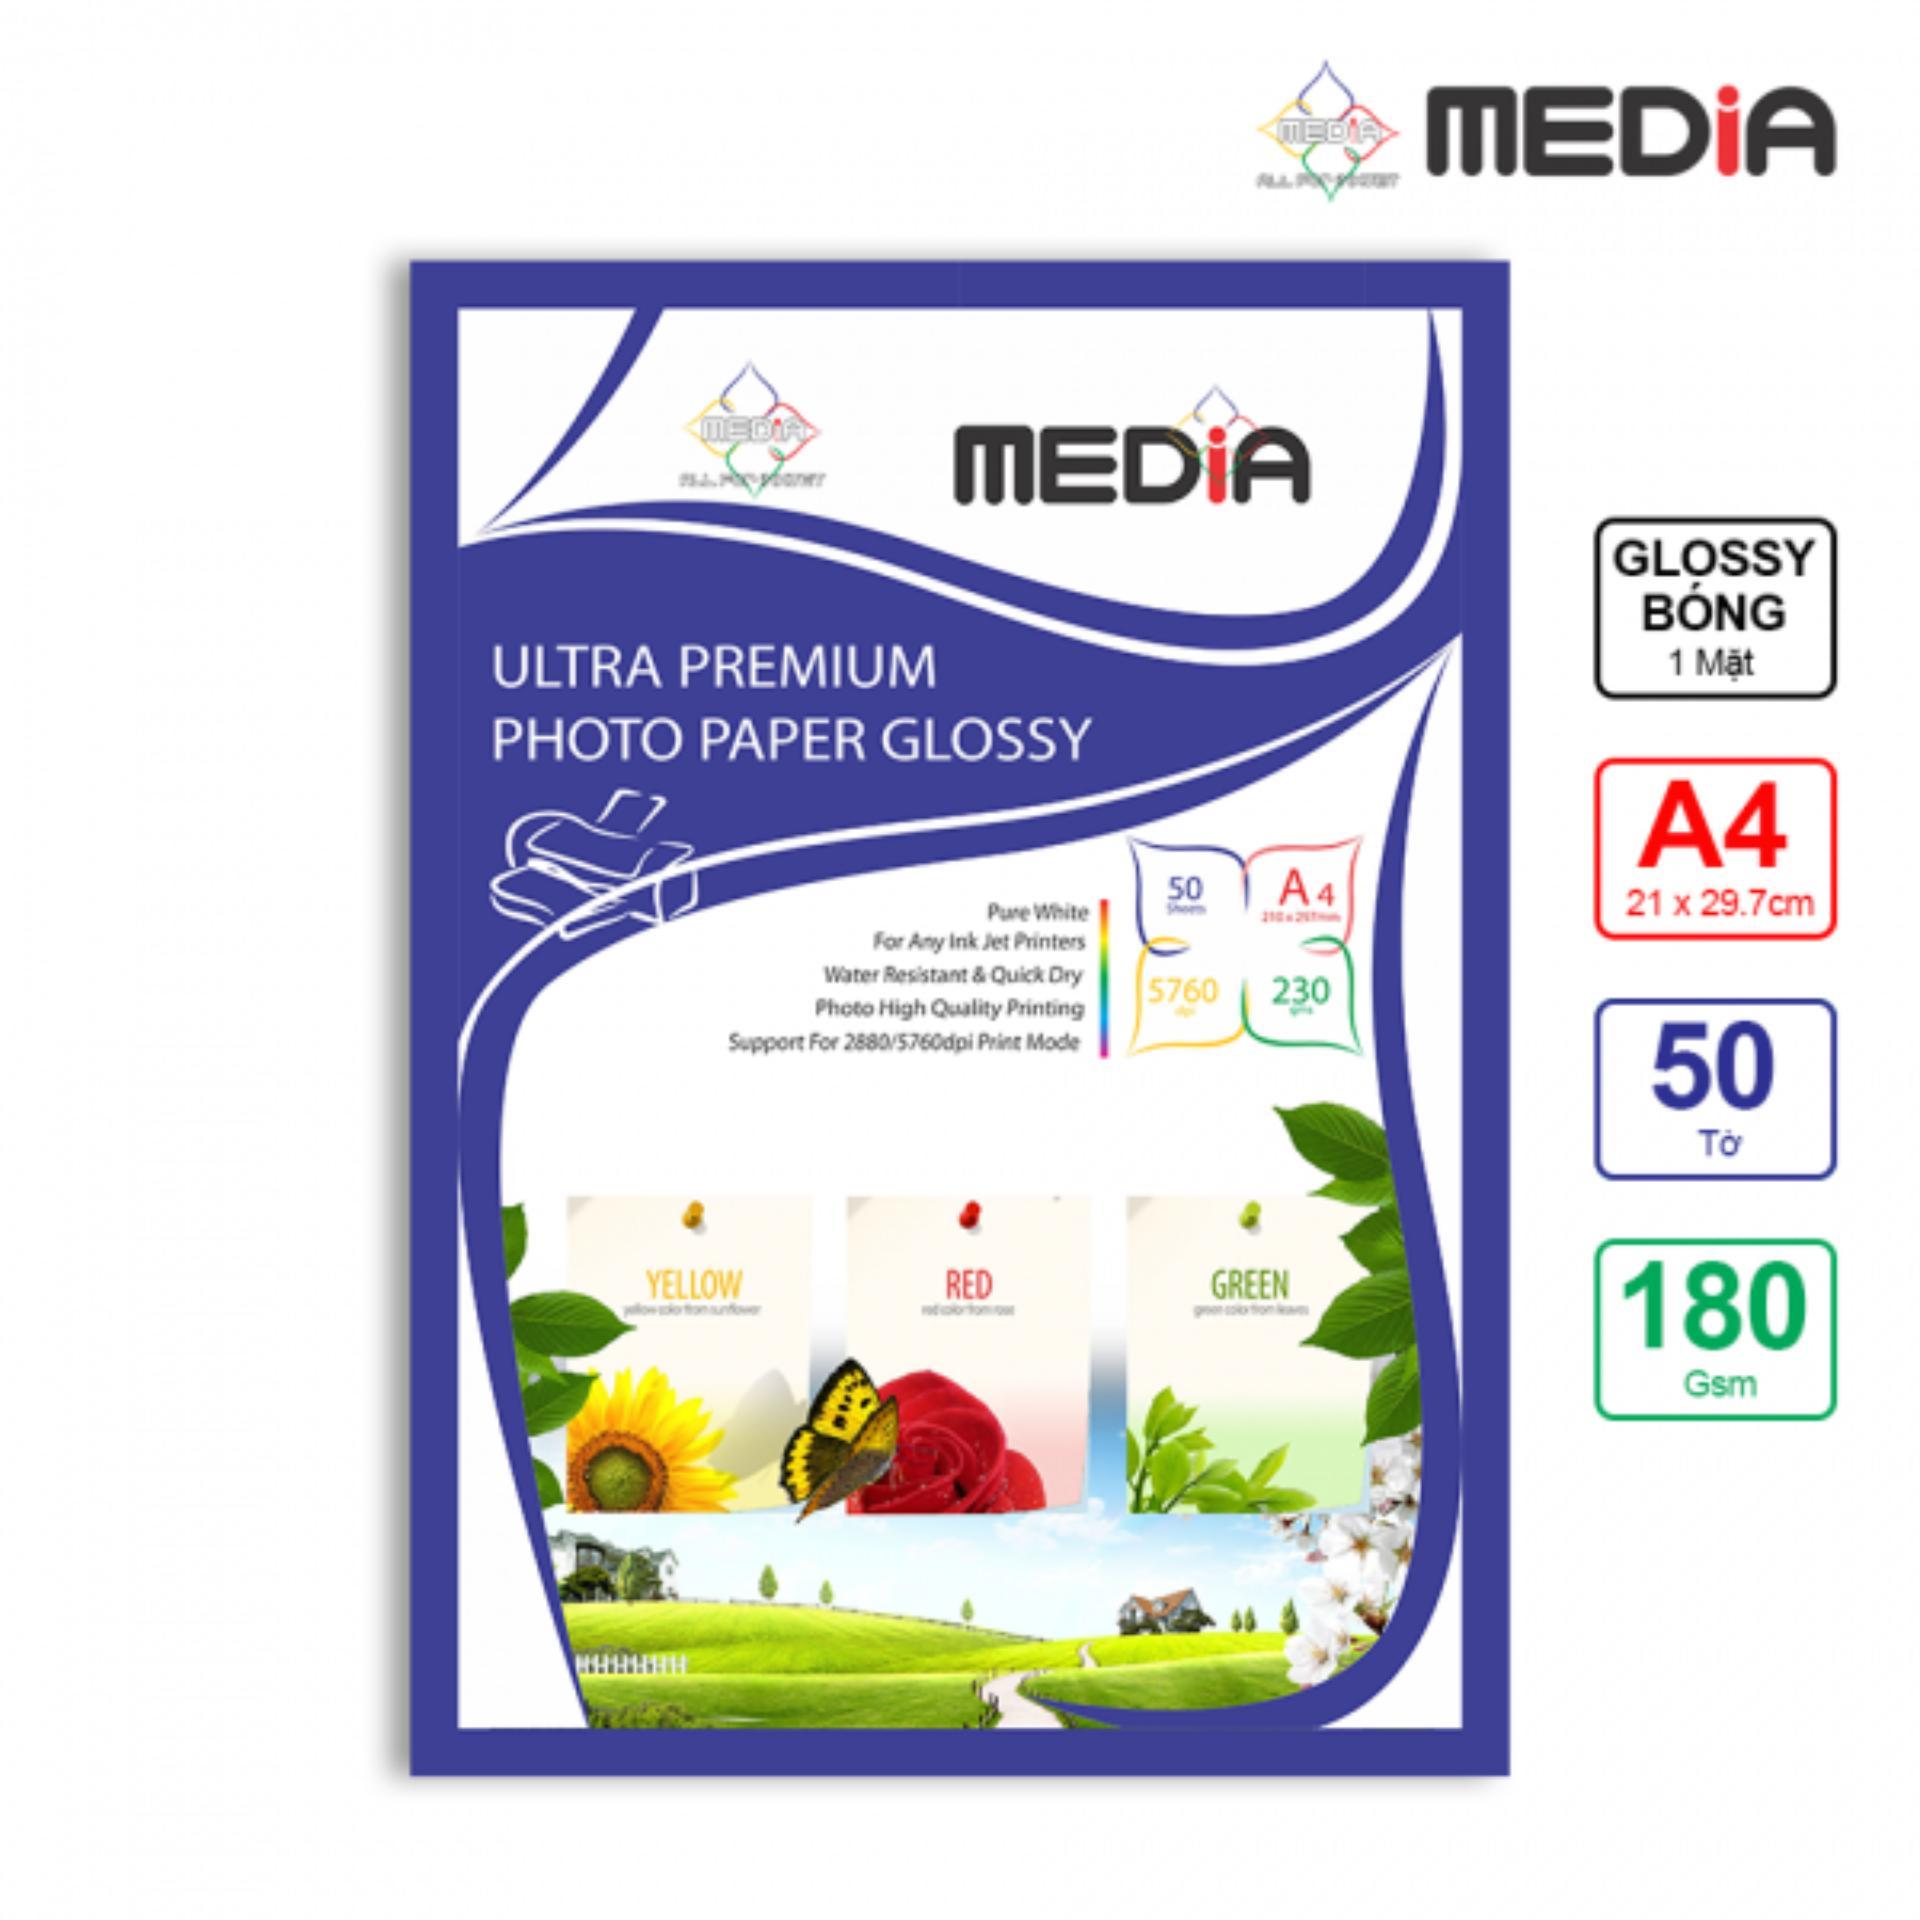 Giấy In Ảnh Media 1 Mặt Bóng (Glossy) A4 (21 x 29.7cm) 180gsm 50 Tờ